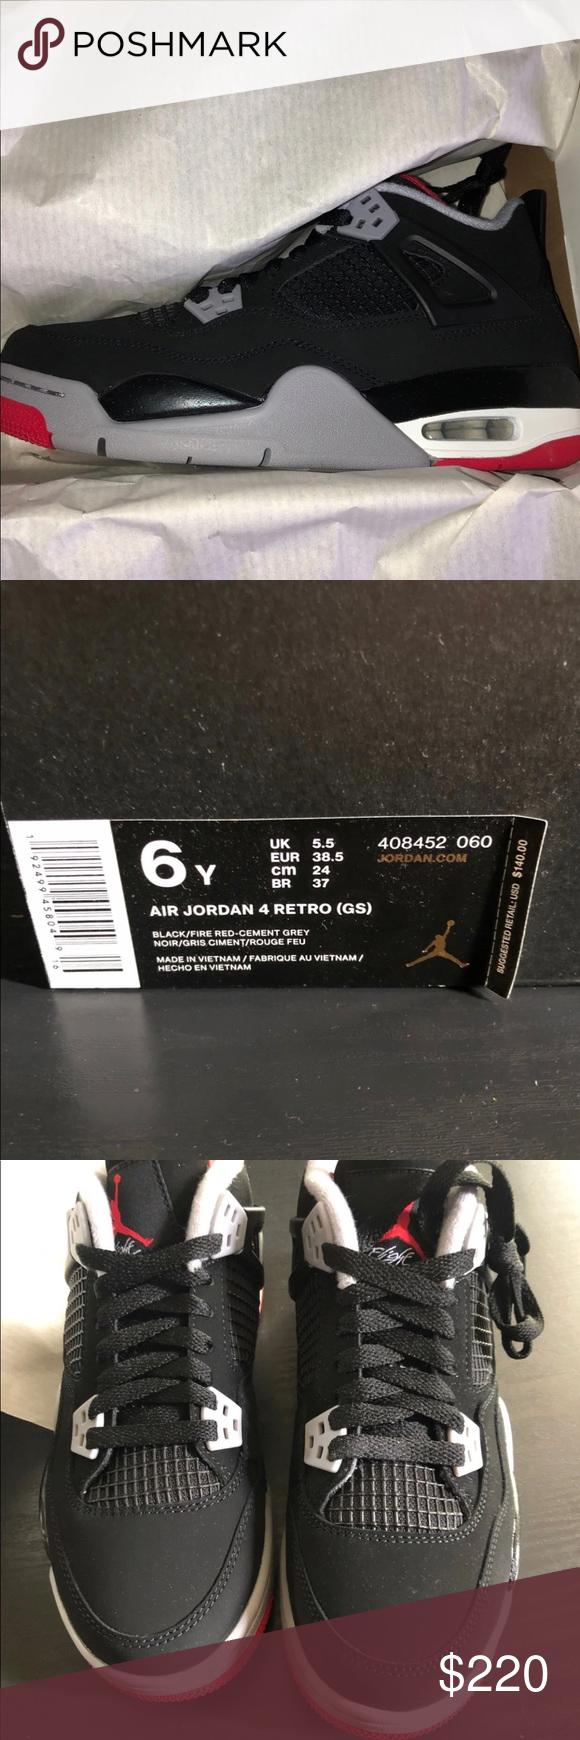 Jordan bred 4's size 6y Brand new in the box Jordan bred 4's size ...